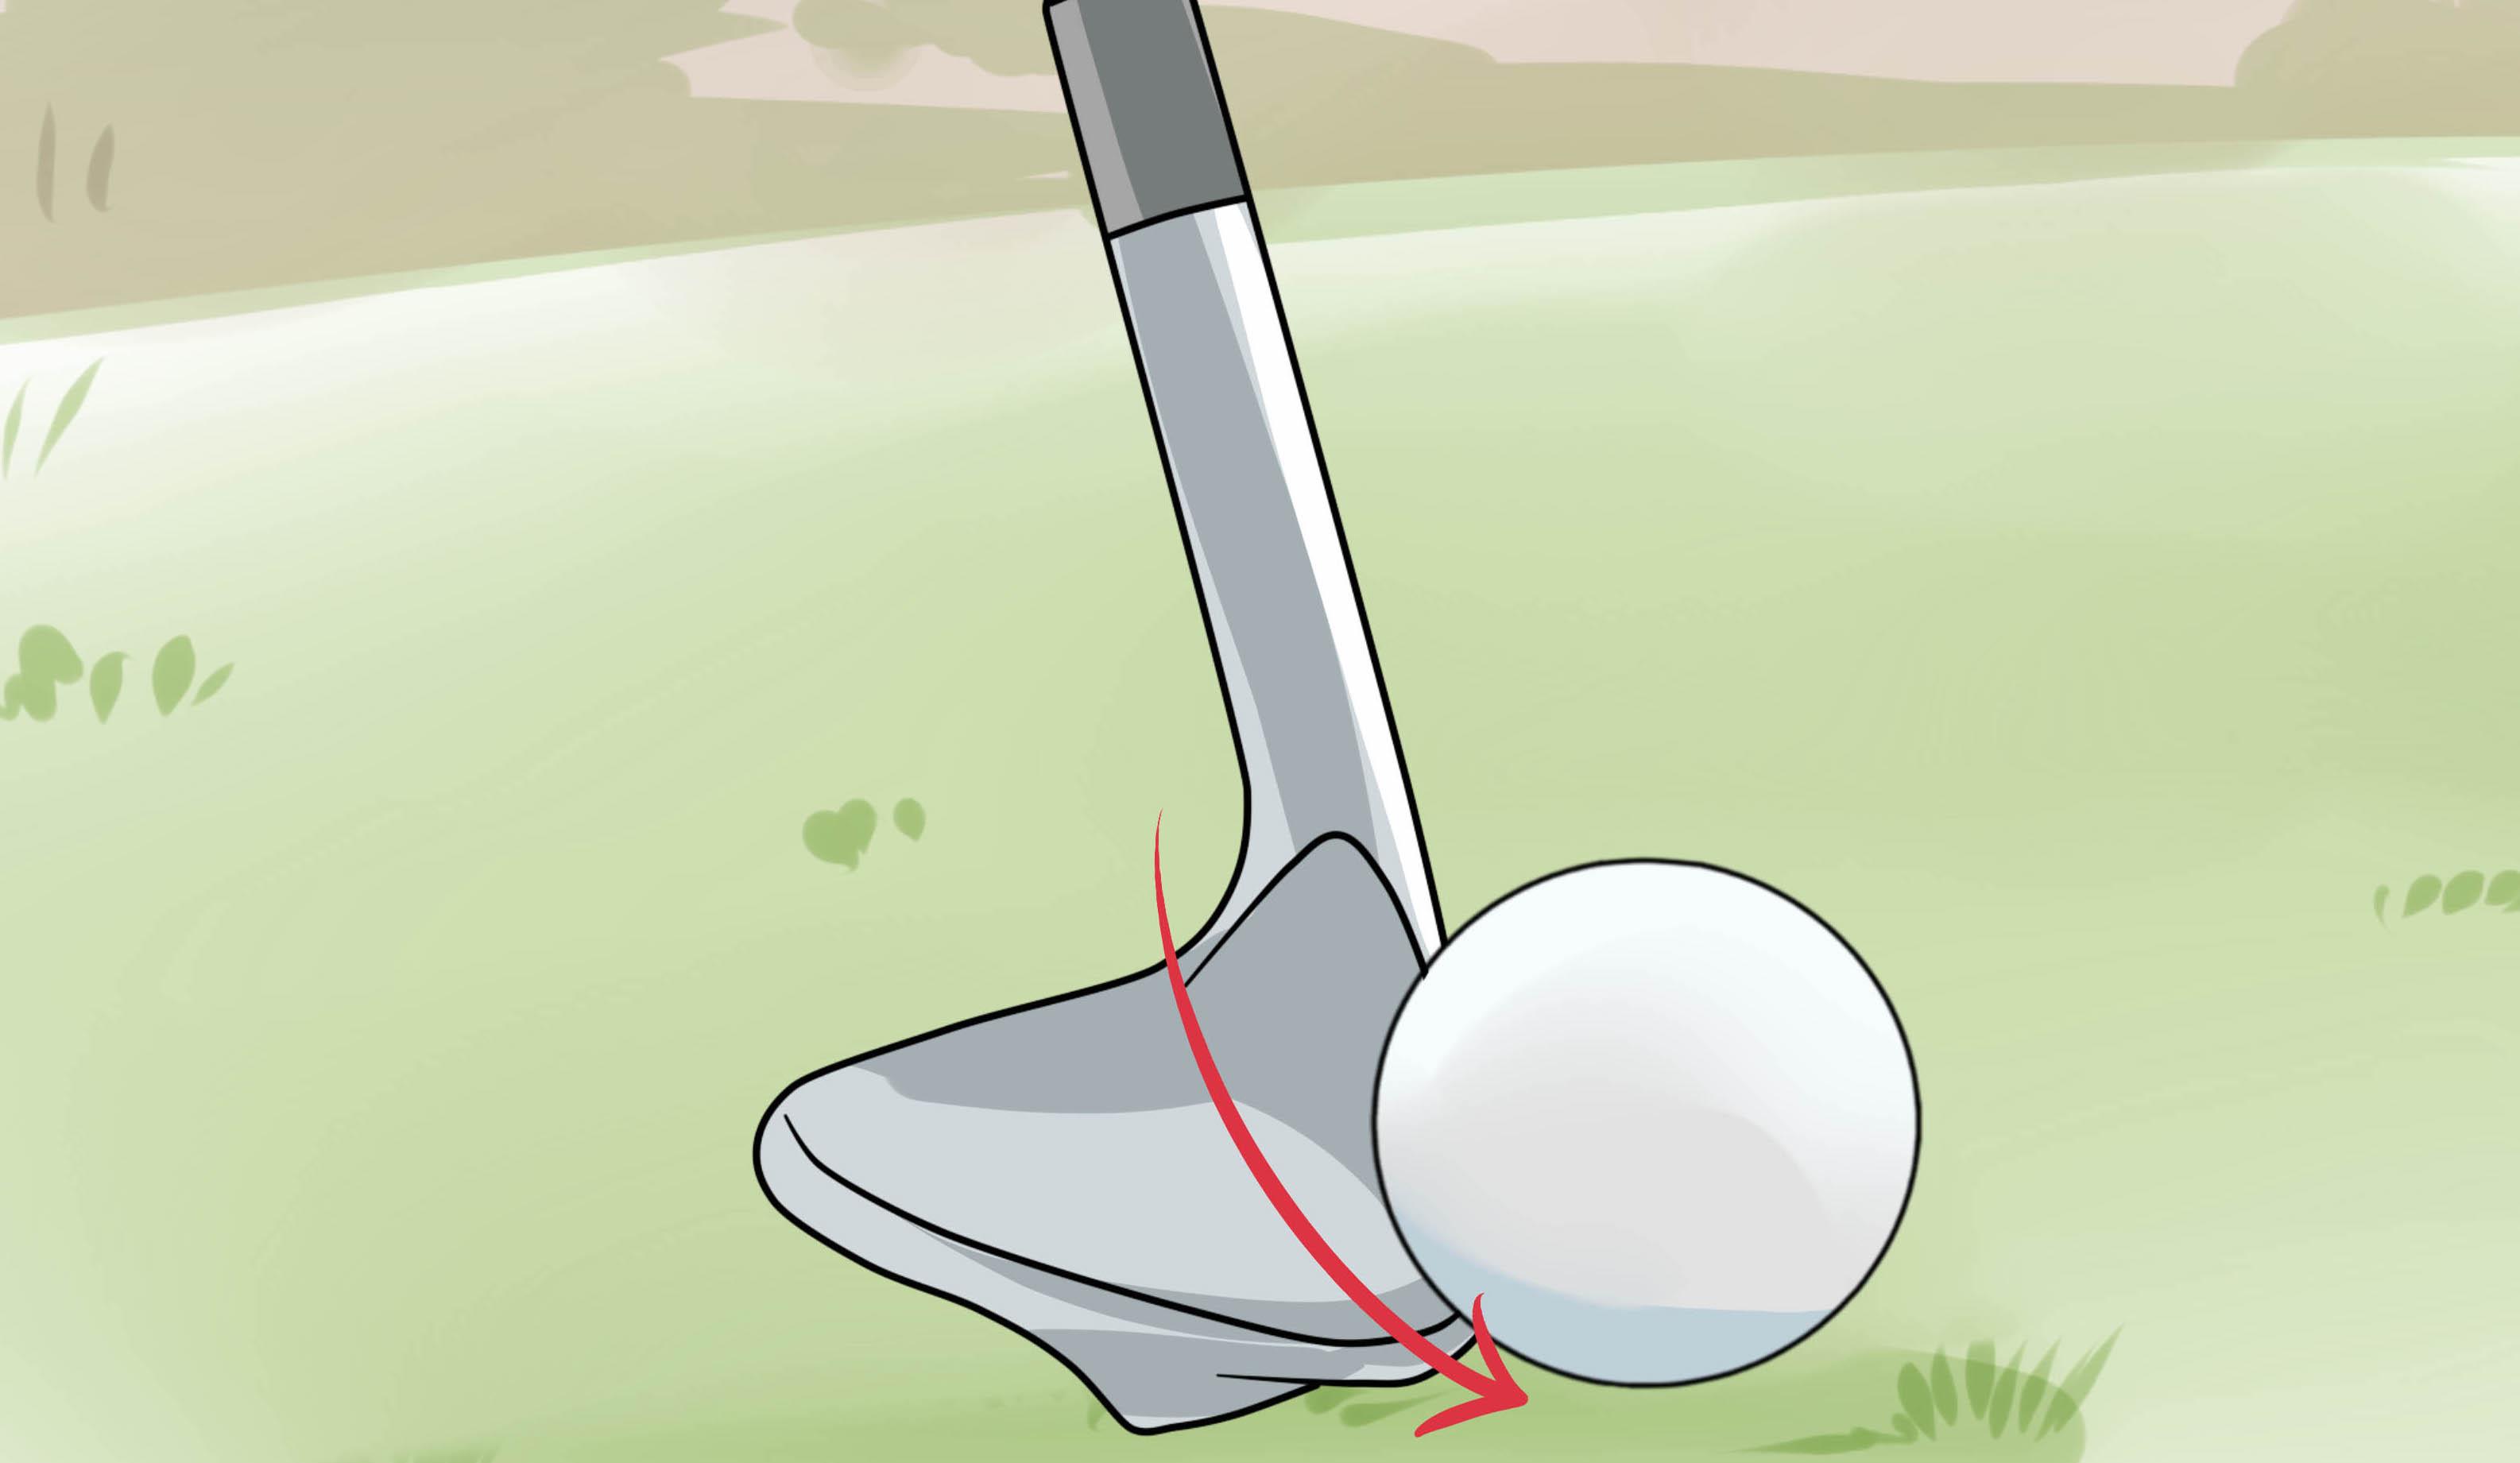 Domina el spin con tus wedges ¡Mejorará tu golf!